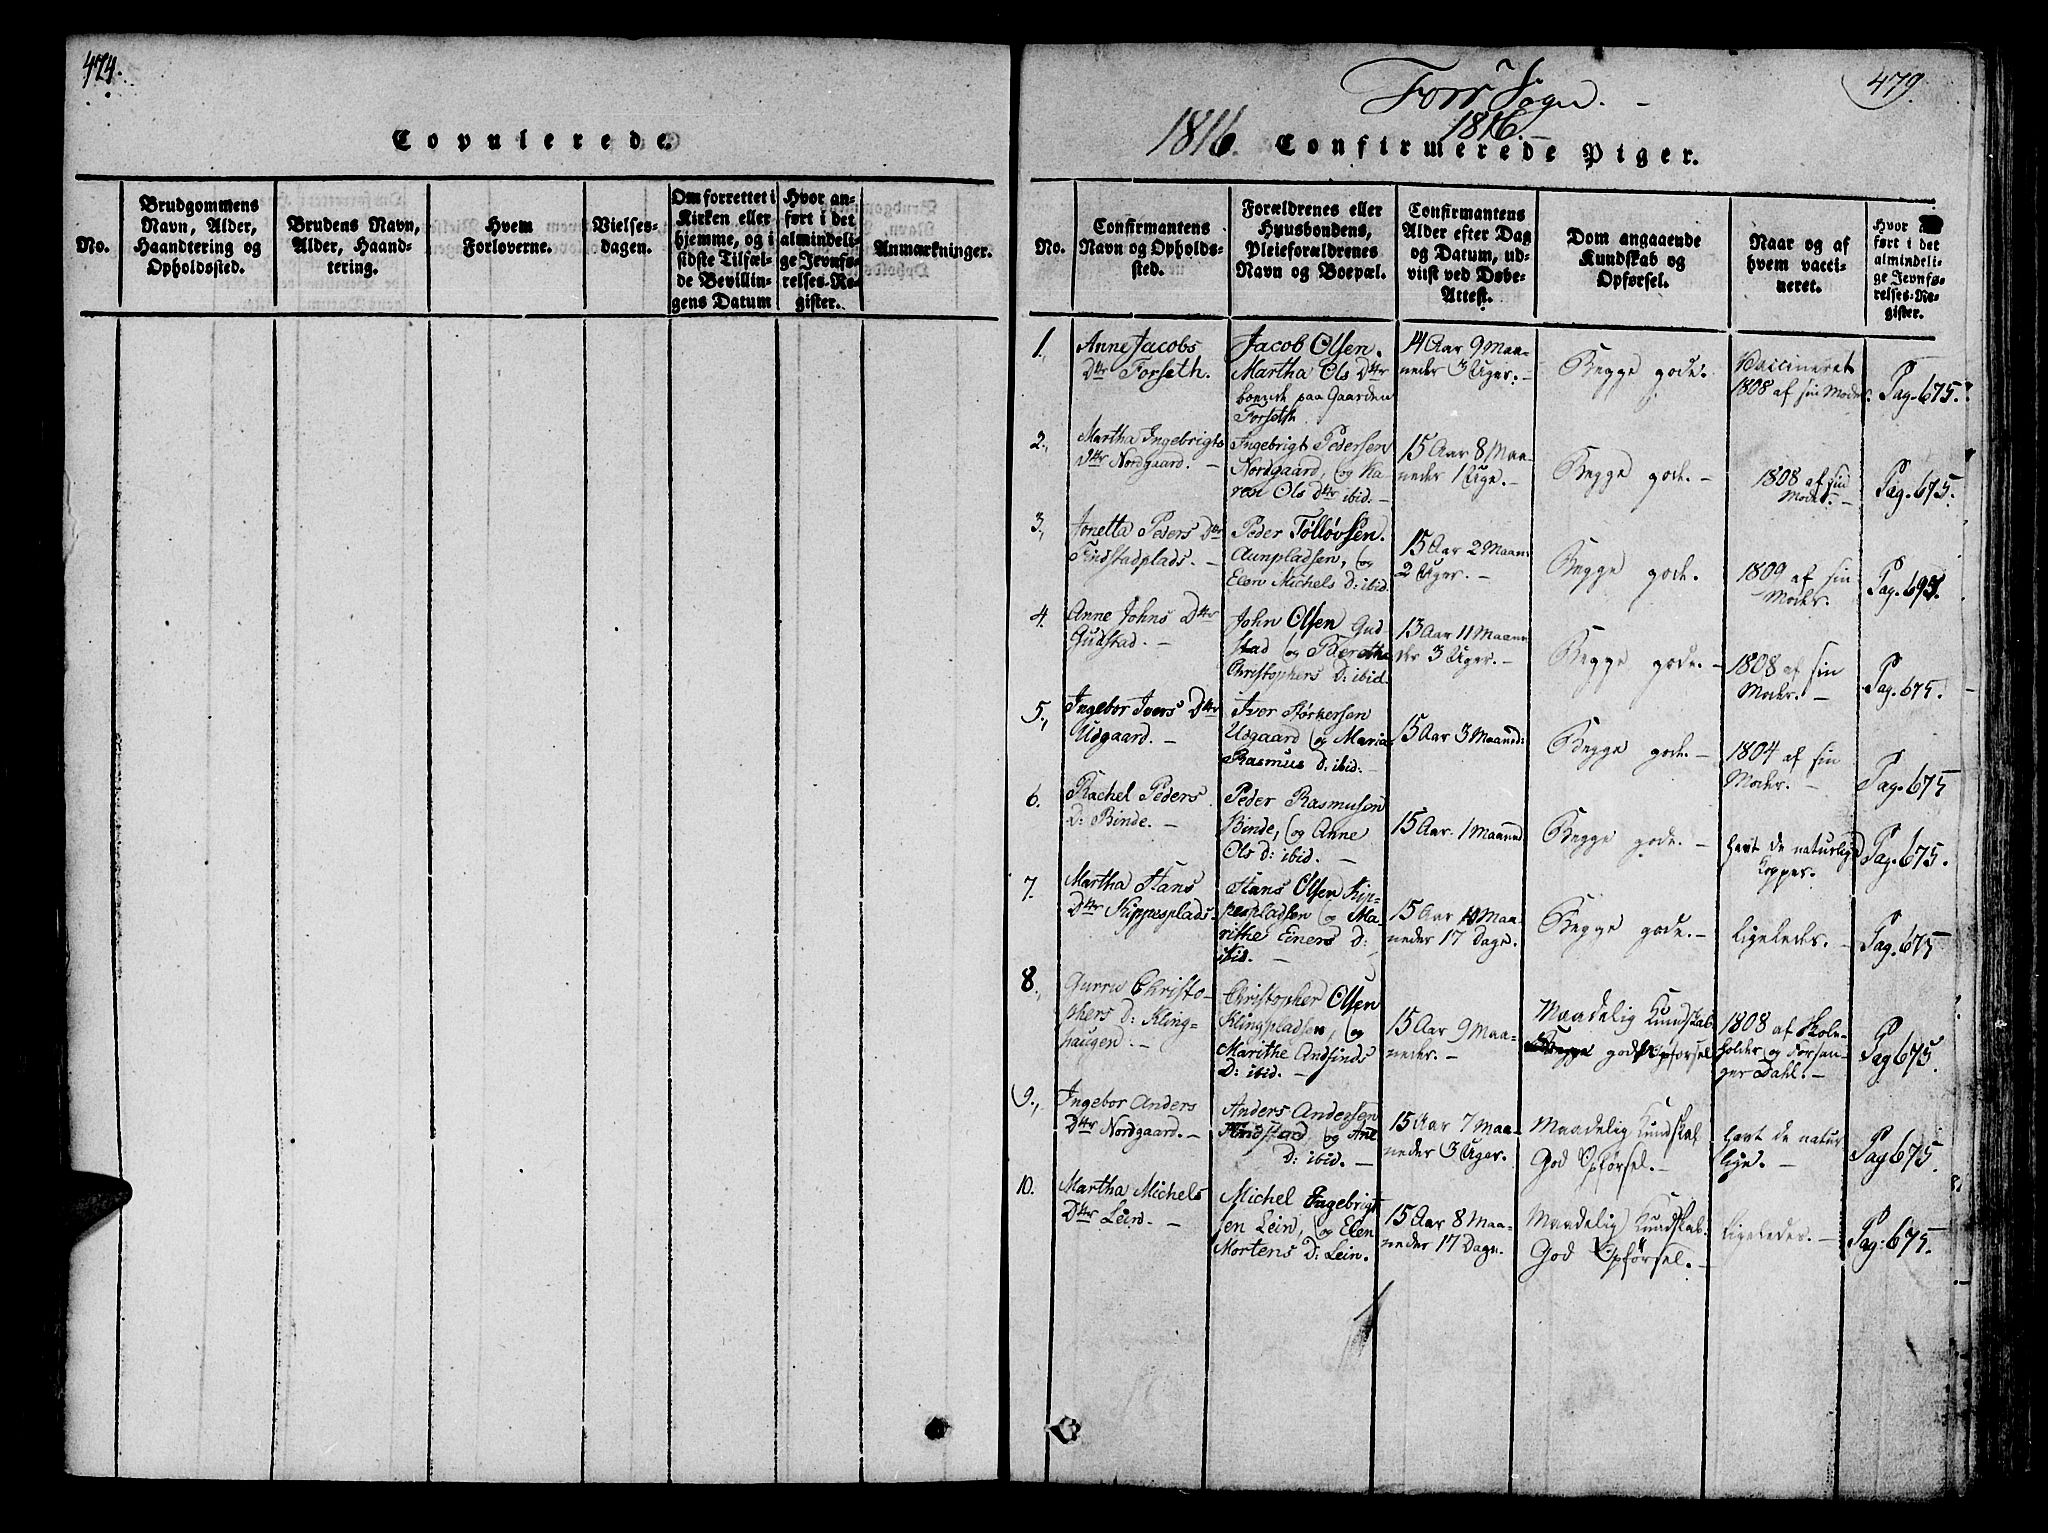 SAT, Ministerialprotokoller, klokkerbøker og fødselsregistre - Nord-Trøndelag, 746/L0441: Ministerialbok nr. 746A03 /1, 1816-1827, s. 474-479